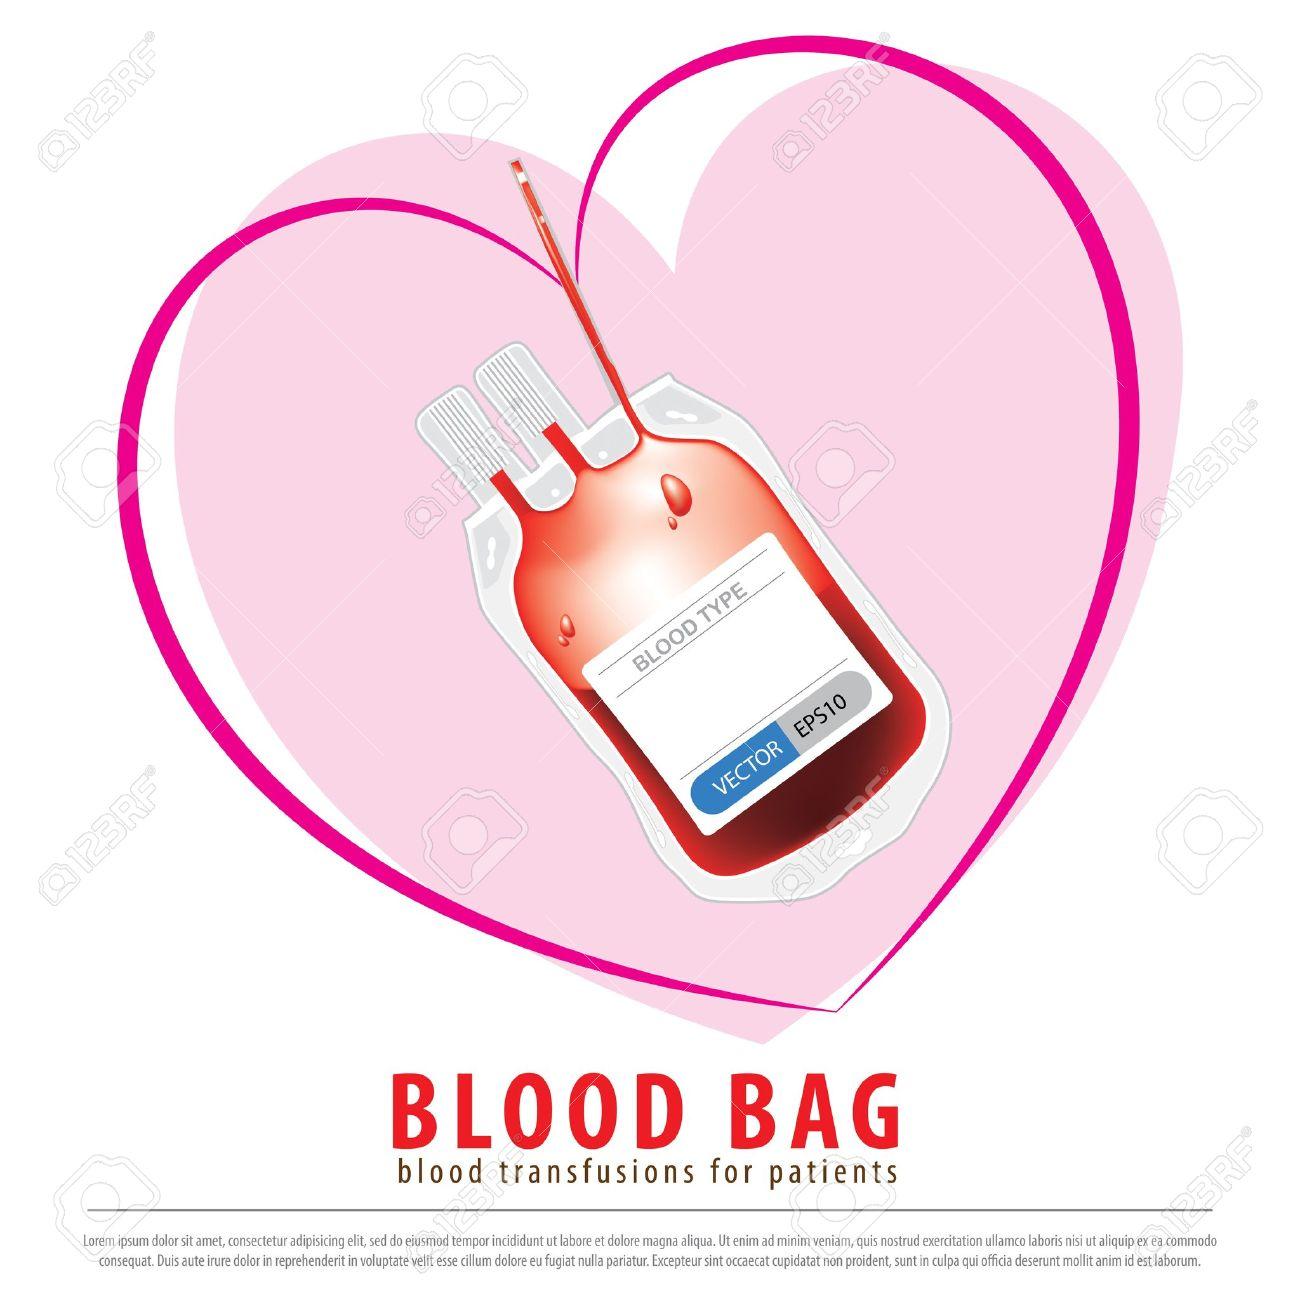 Medicinsk Blodpåse är Flexibel Användning Av Blodtransfusioner För.